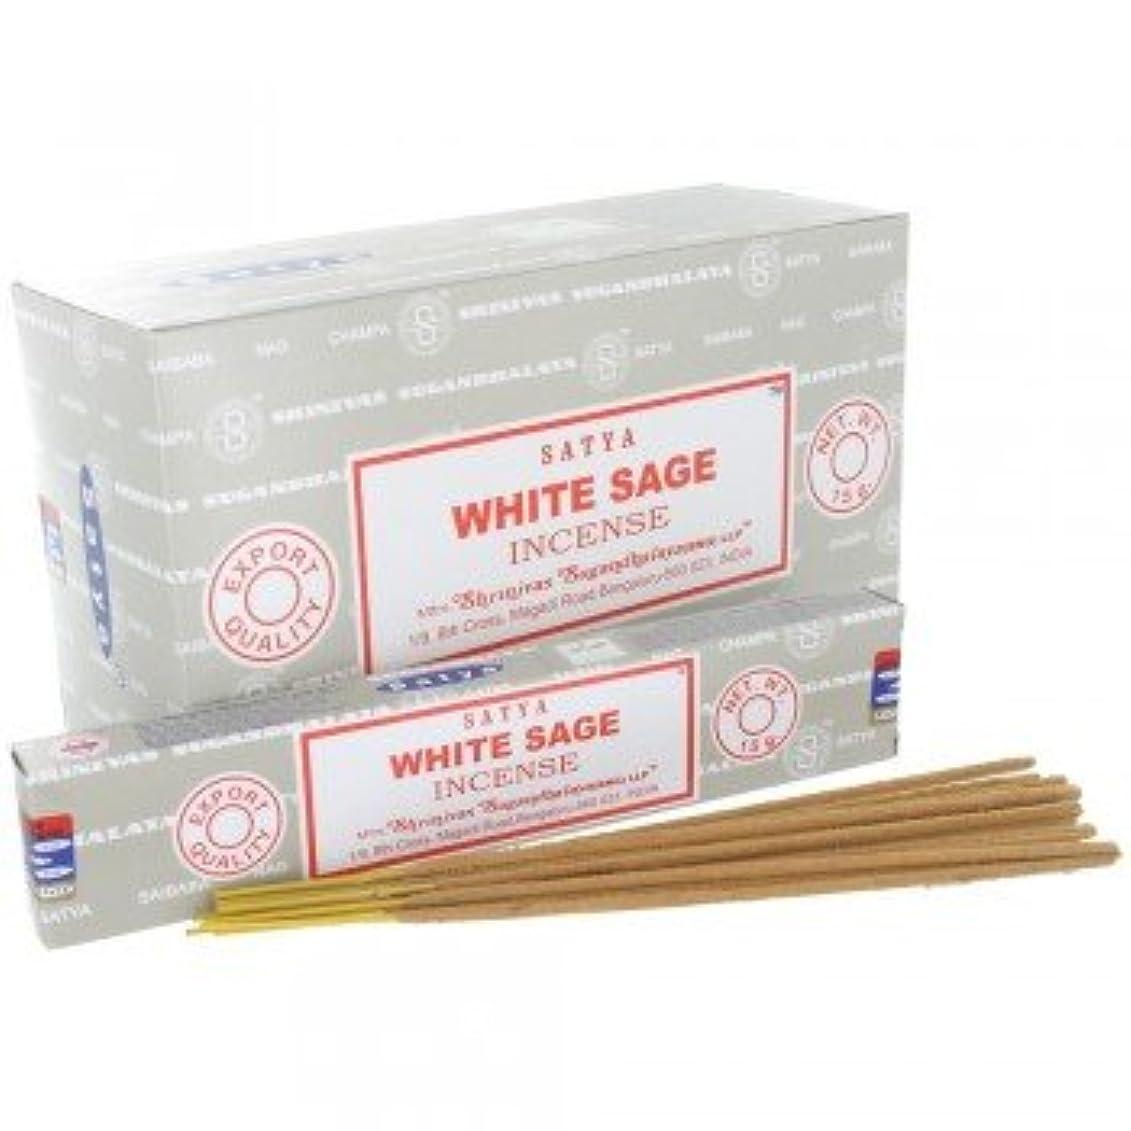 シャベル端末スーパーSATYA WHITE SAGE ホワイトセージ 聖なる樹 浄化 お香 スティック 約15g入 (1箱(12個入)) [並行輸入品]